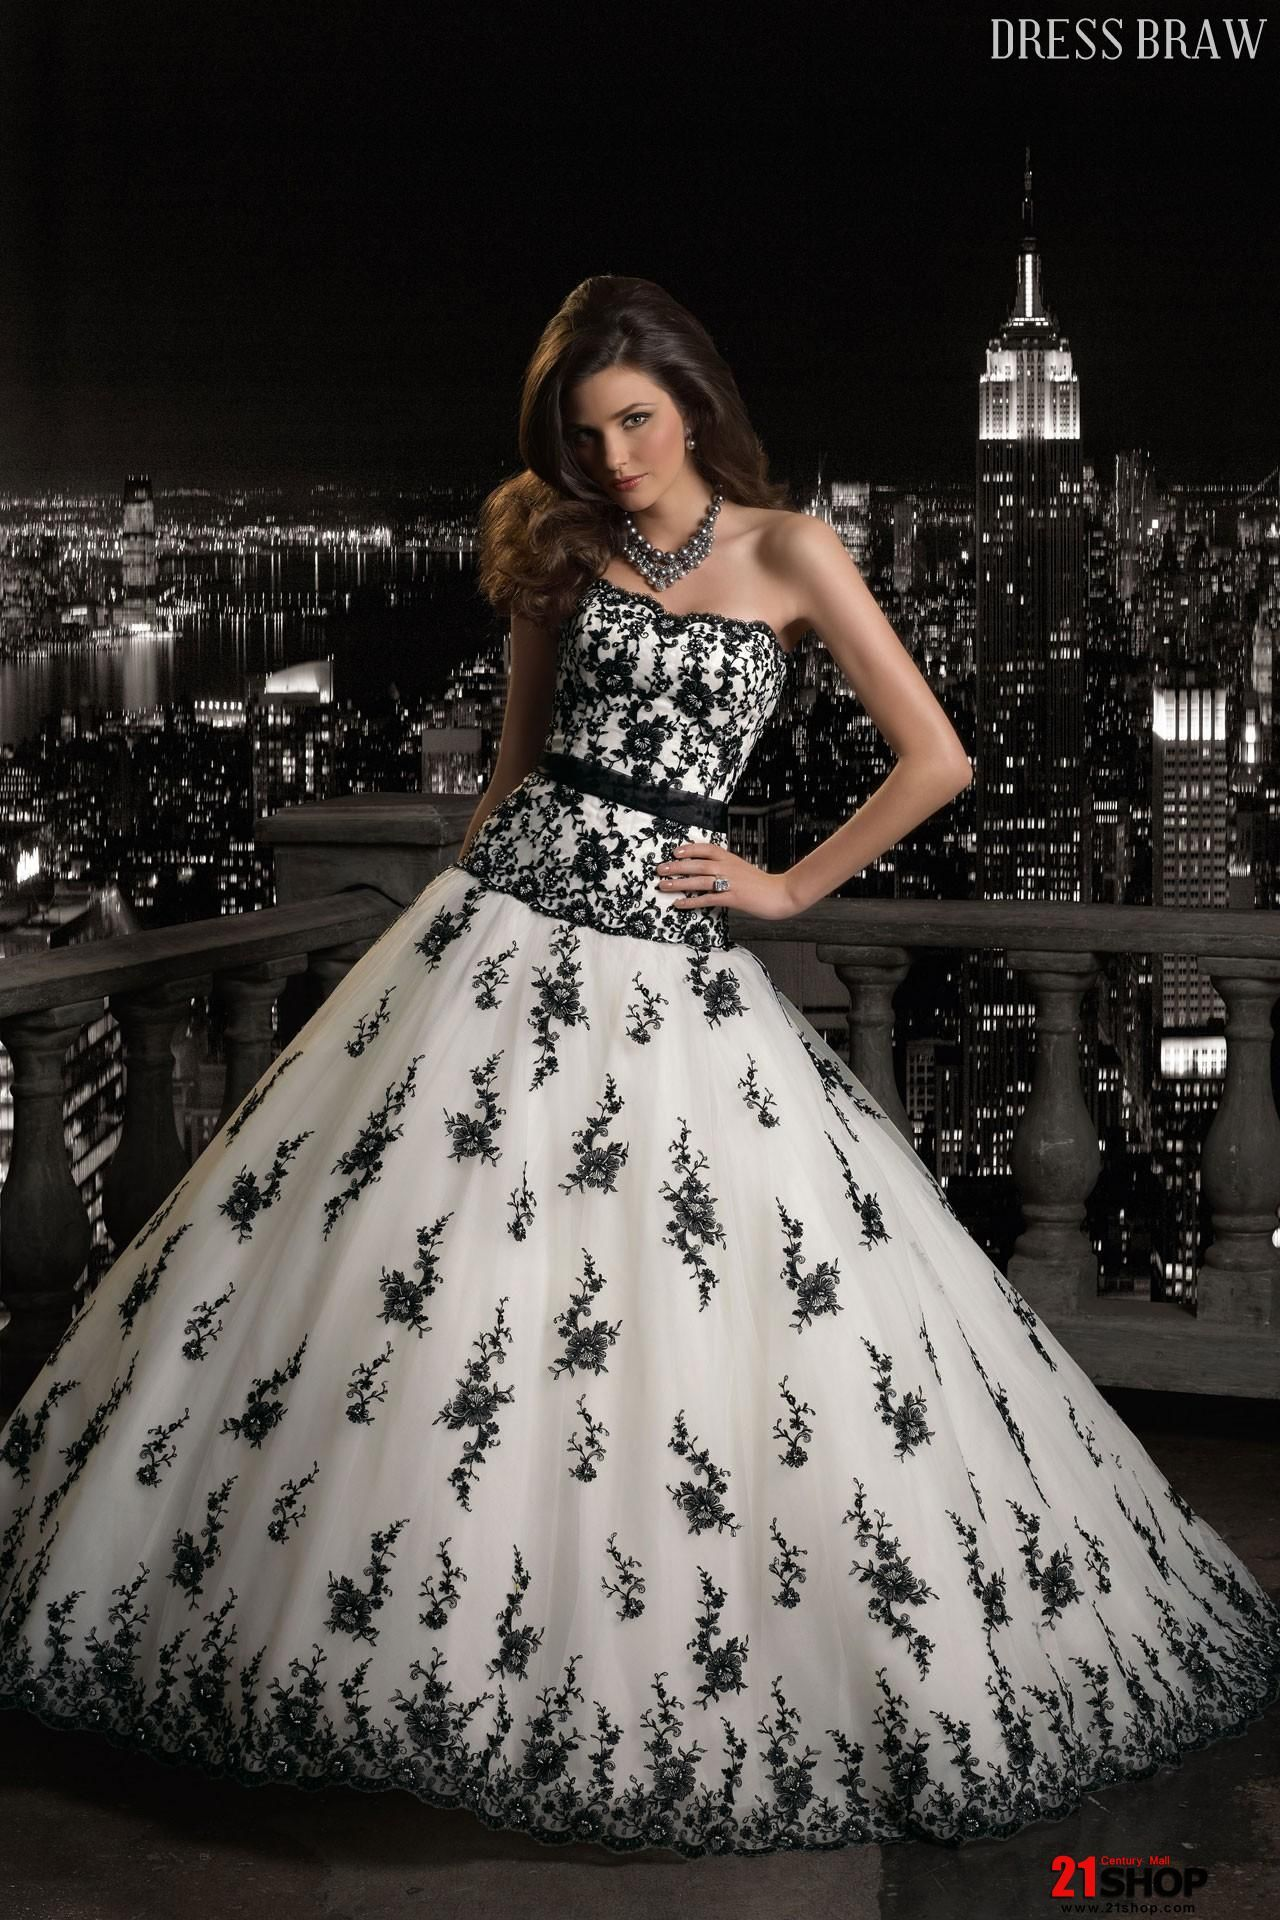 Black n white i do i do i do dream weddings pinterest weddings